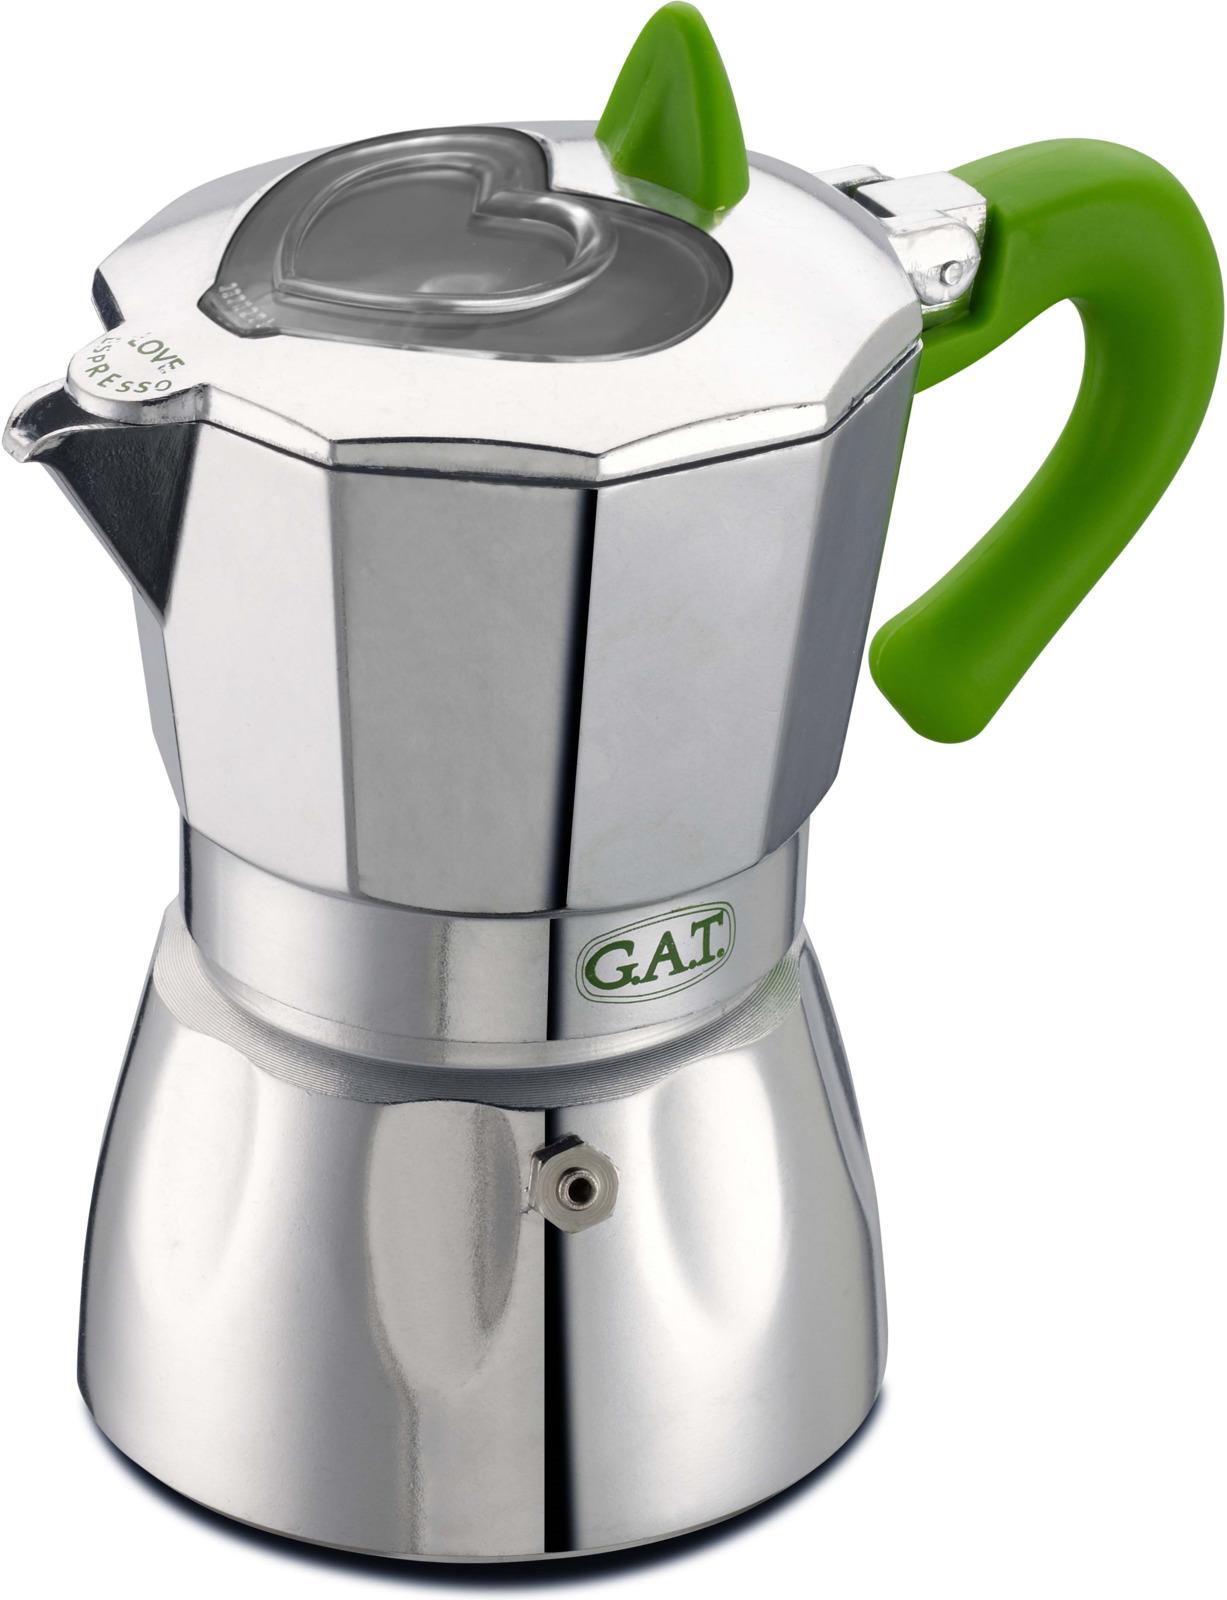 Кофеварка гейзерная G.A.T. 104902N VALENTINA. Гейзерная кофеварка - это отличная возможность побаловать себя чашечкой великолепного ароматного кофе. Кофеварка рассчитана на 2 чашки. За считанные минуты прибор приготовит ваш любимый напиток и моментально наполнит кухню изумительным ароматом. Прочная алюминиевая основа придает кофеварке легкость и надежность, а стильный дизайн добавит кухонному интерьеру элегантности и особого шарма. Основные отличительные особенности кофеварок Valentina: удобный носик для наливания кофе; стильный ремень, соединяющий верхнюю и нижнюю части кофеварки; специальное внутреннее покрытие, обеспечивающее легкую очистку и обслуживание; прозрачное окошко в форме сердца на крышке, позволяющее наблюдать за процессом приготовления; ручка из жаропрочного силикона.